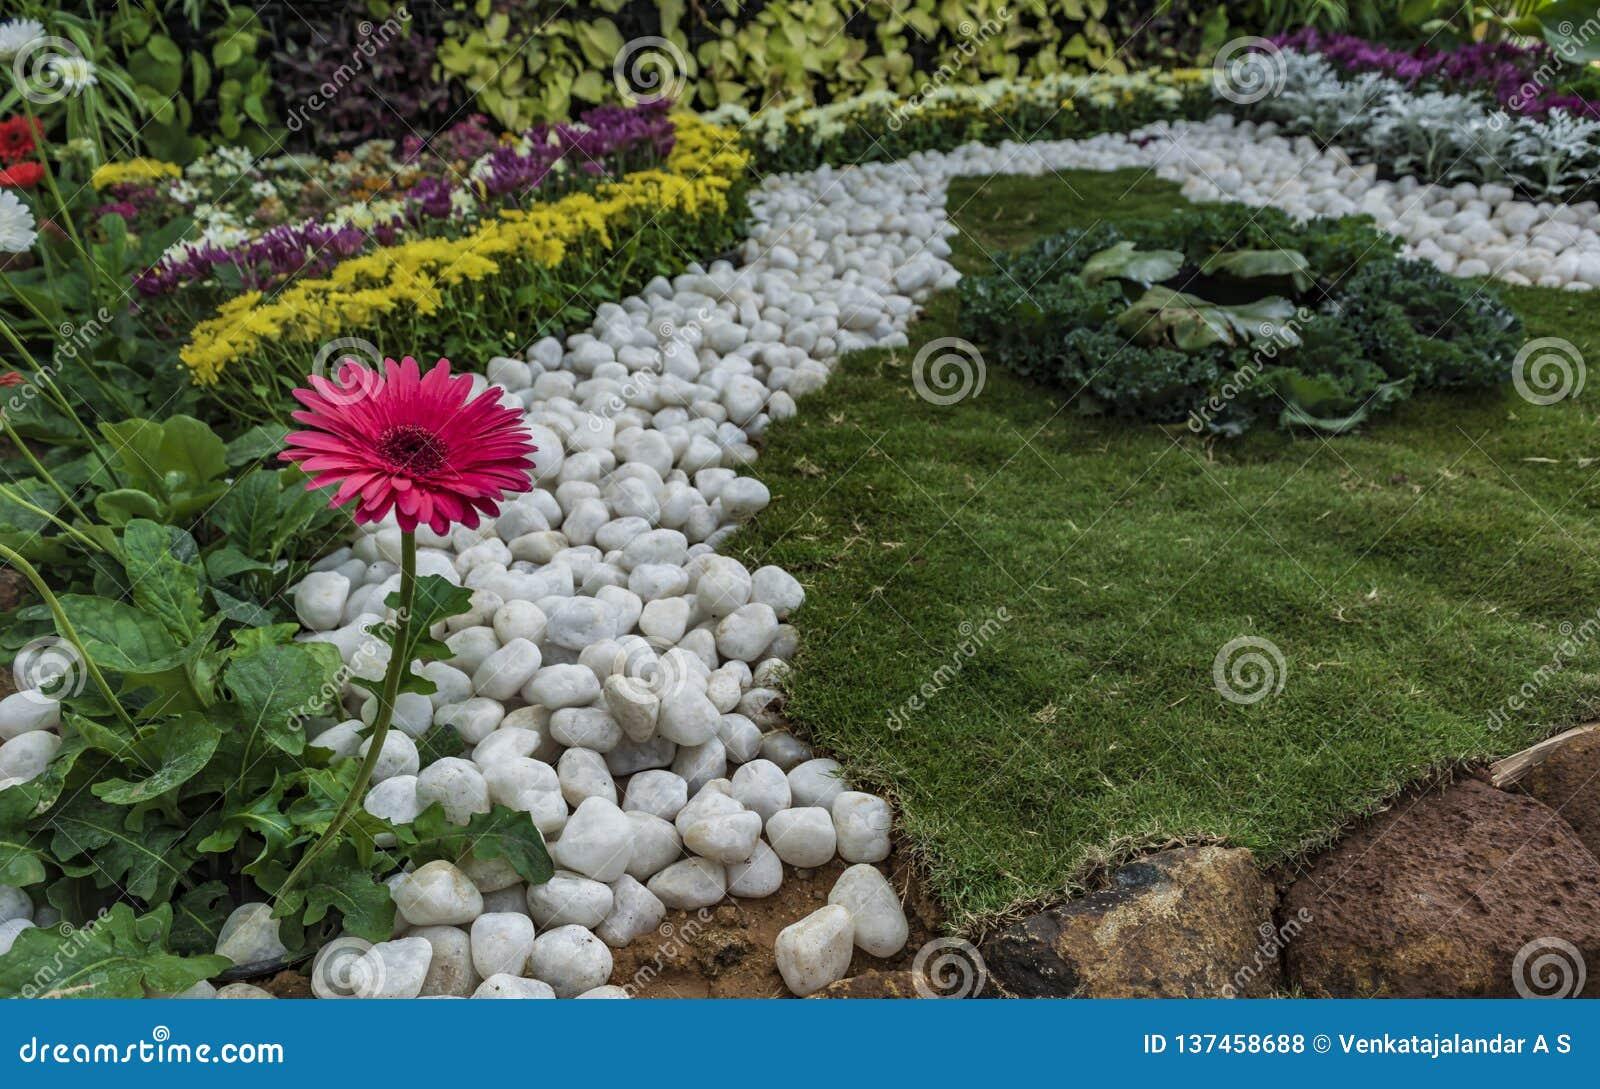 平静:家庭菜园-白色小卵石、草坪和红色雏菊花